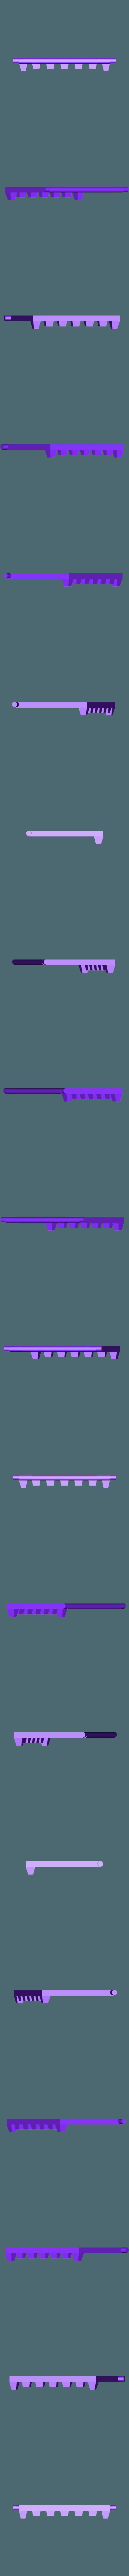 rear_door.stl Télécharger fichier STL gratuit centre détaillé du rhinocéros • Objet à imprimer en 3D, Punisher_4u